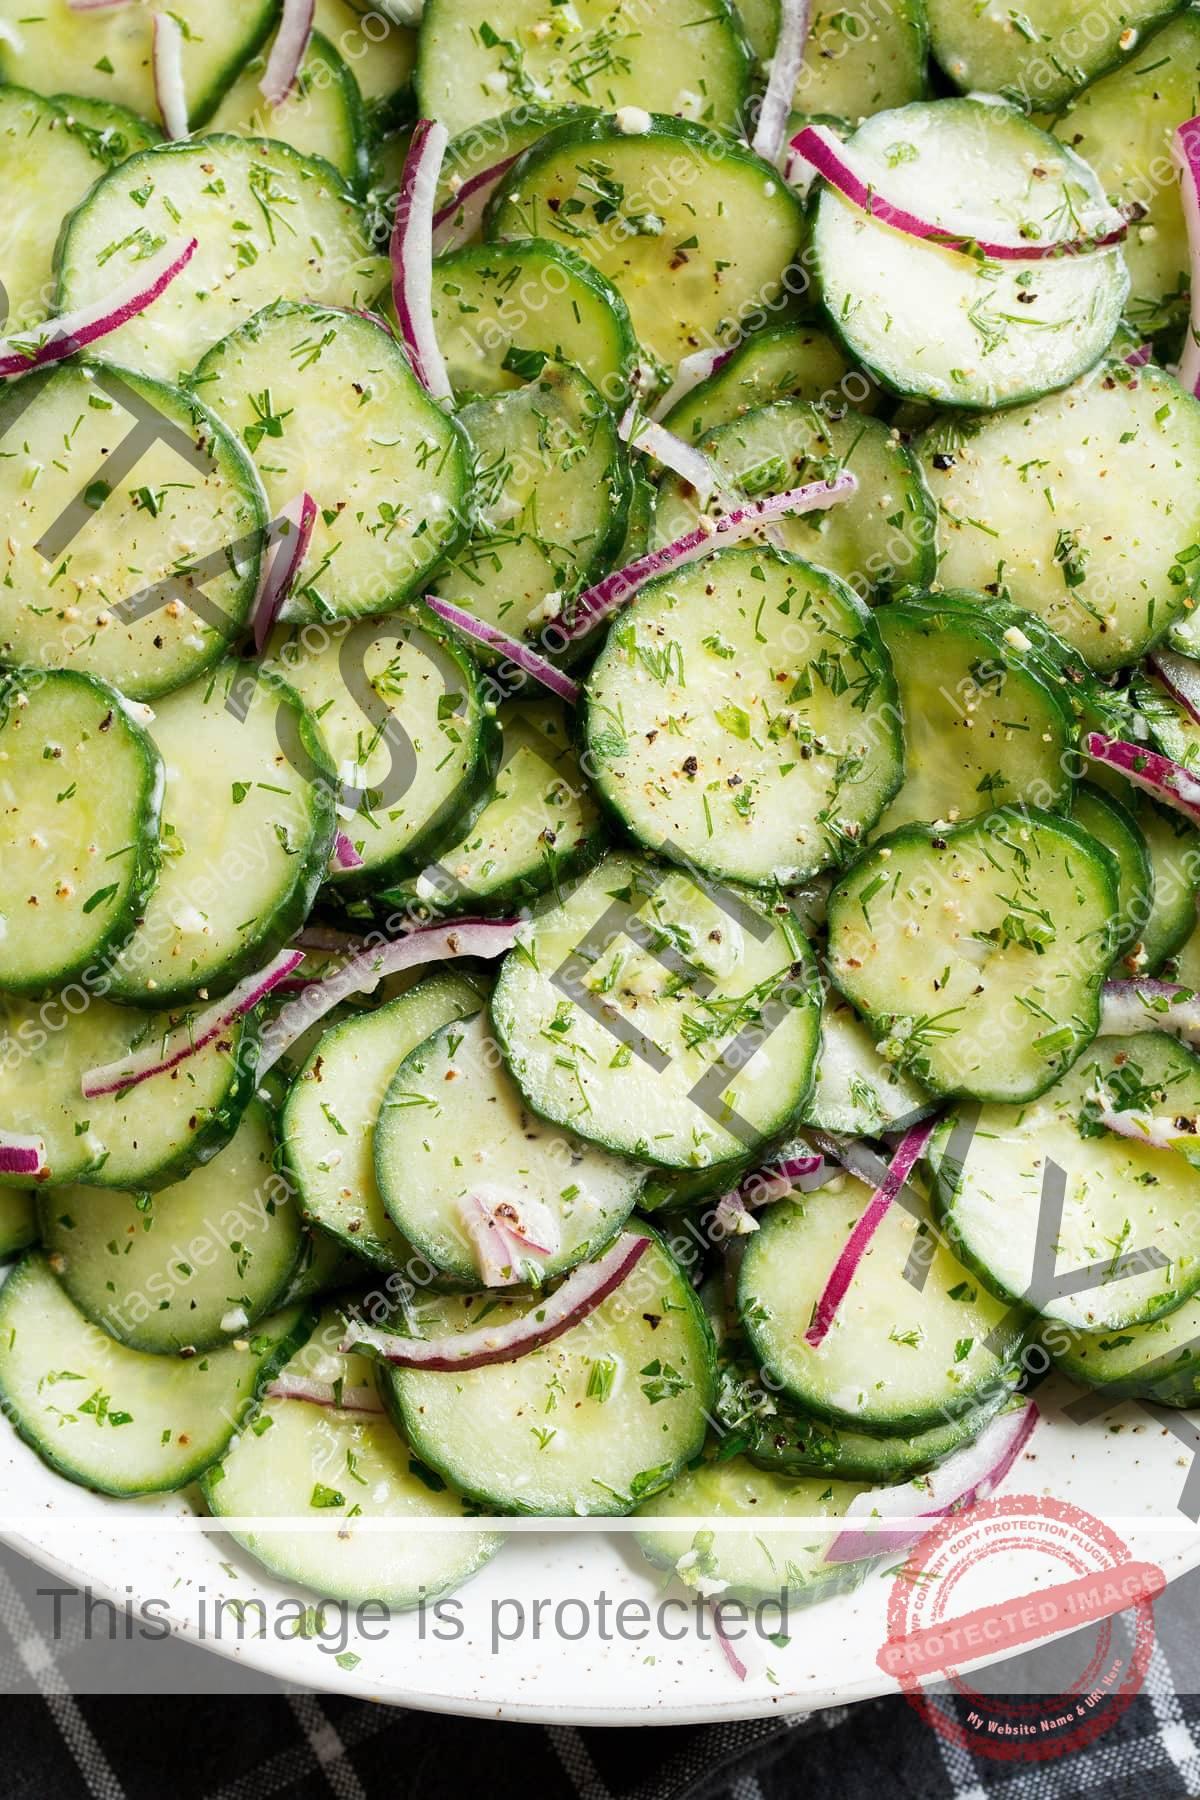 Cerrar imagen de ensalada de pepino.